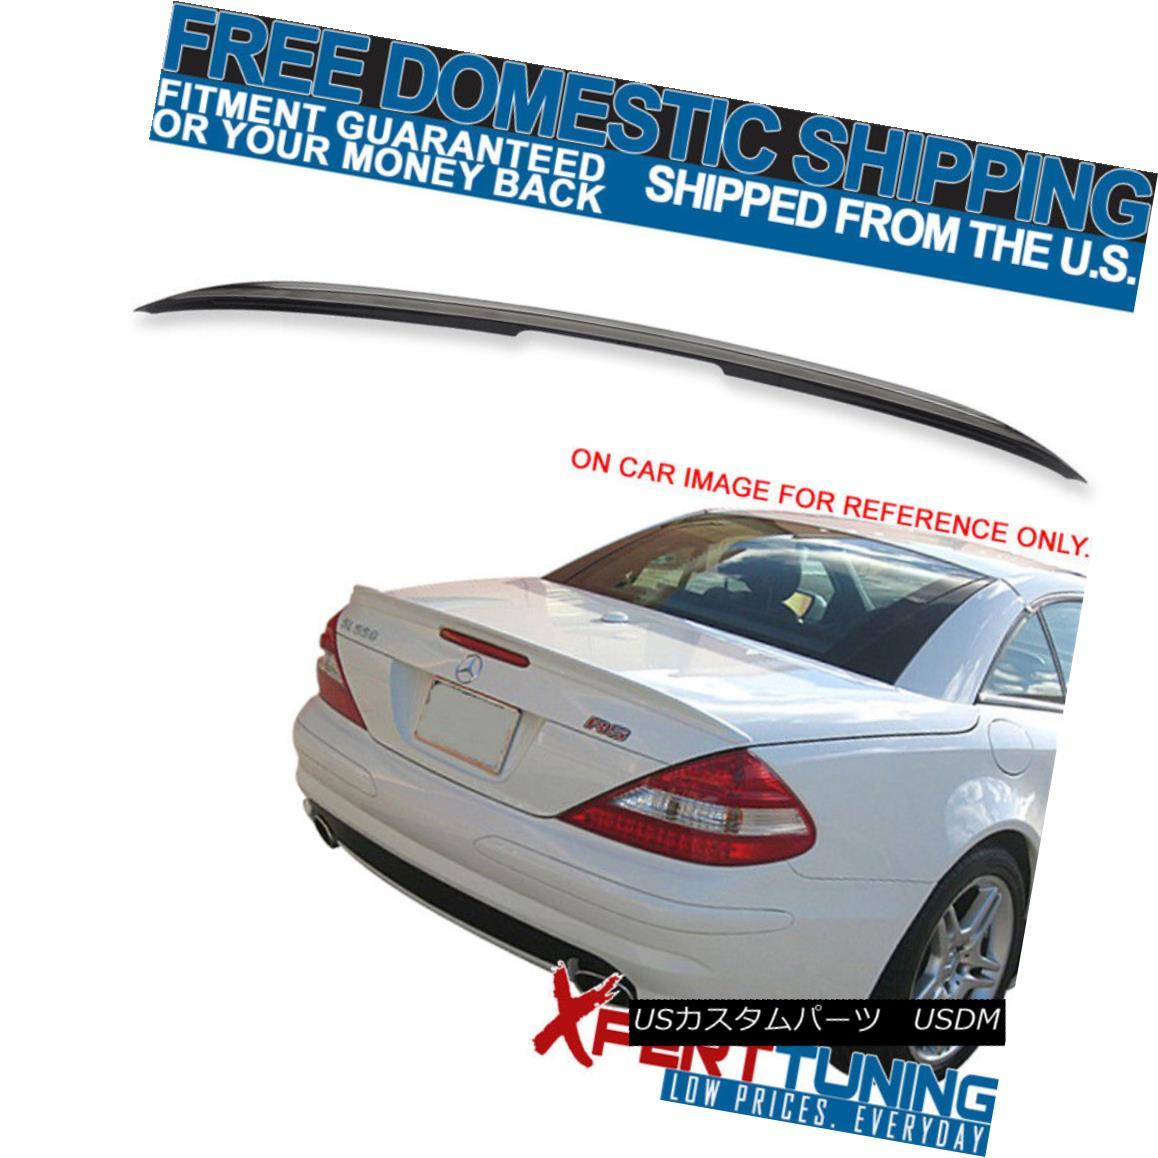 エアロパーツ 03-11 Benz SL-Class 2D 2Dr R230 AMG Style Painted # 197 Trunk Spoiler - ABS 03-11ベンツSLクラス2D 2Dr R230 AMGスタイルペイント#197トランクスポイラー - ABS